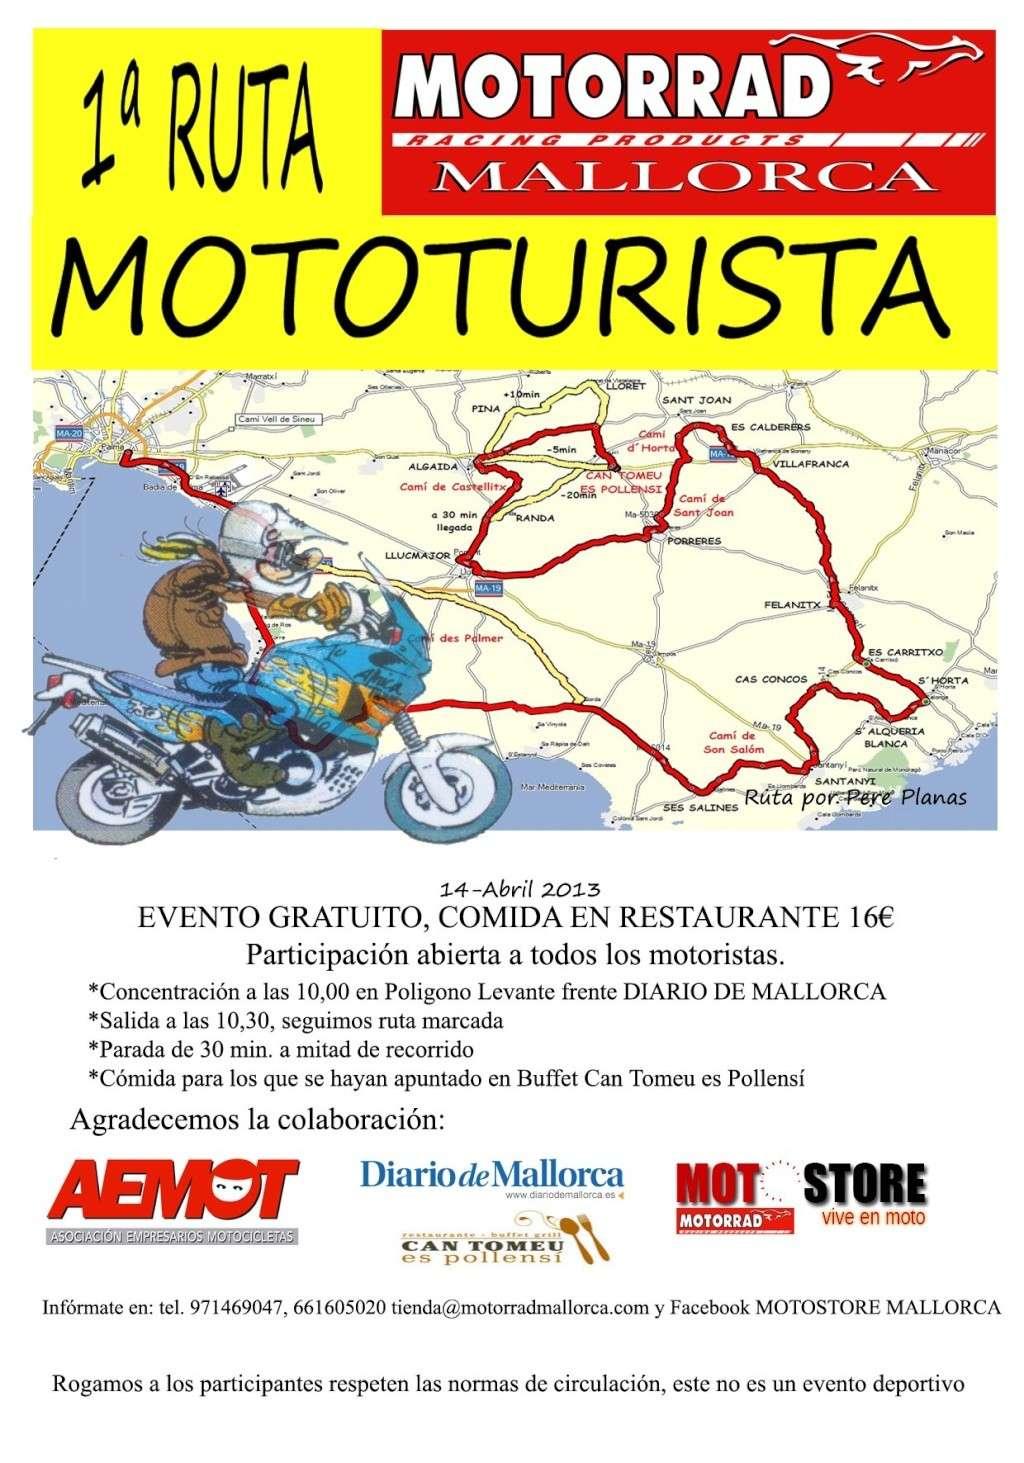 1ª RUTA MOTOTURISTICA MOTORRAD Motorr13